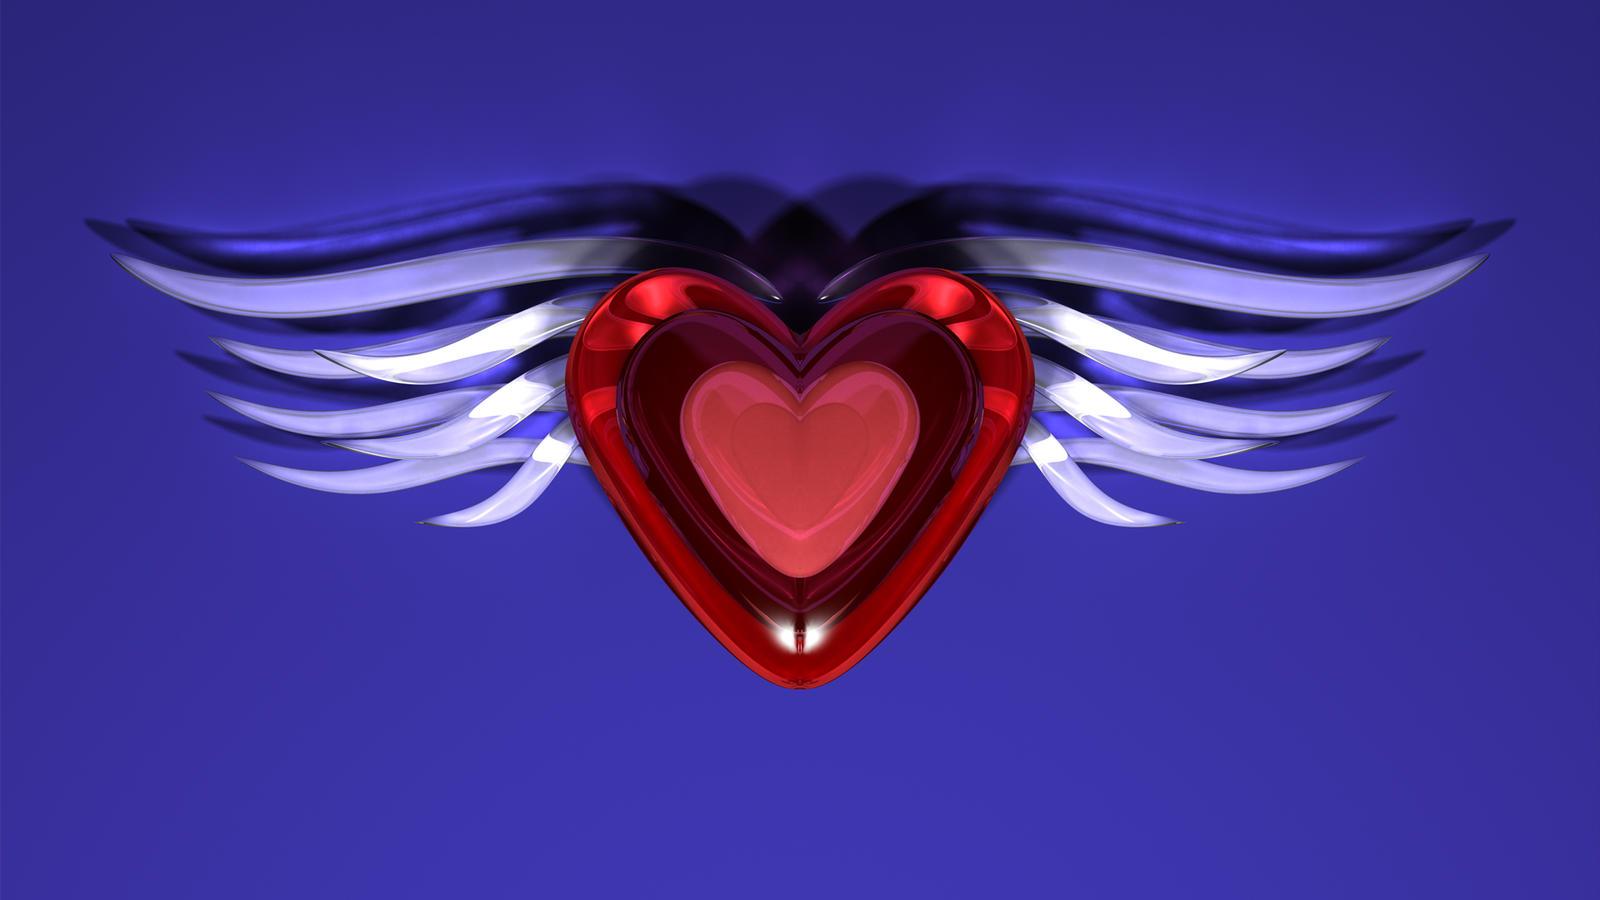 Winged Heart Two by TylerXy